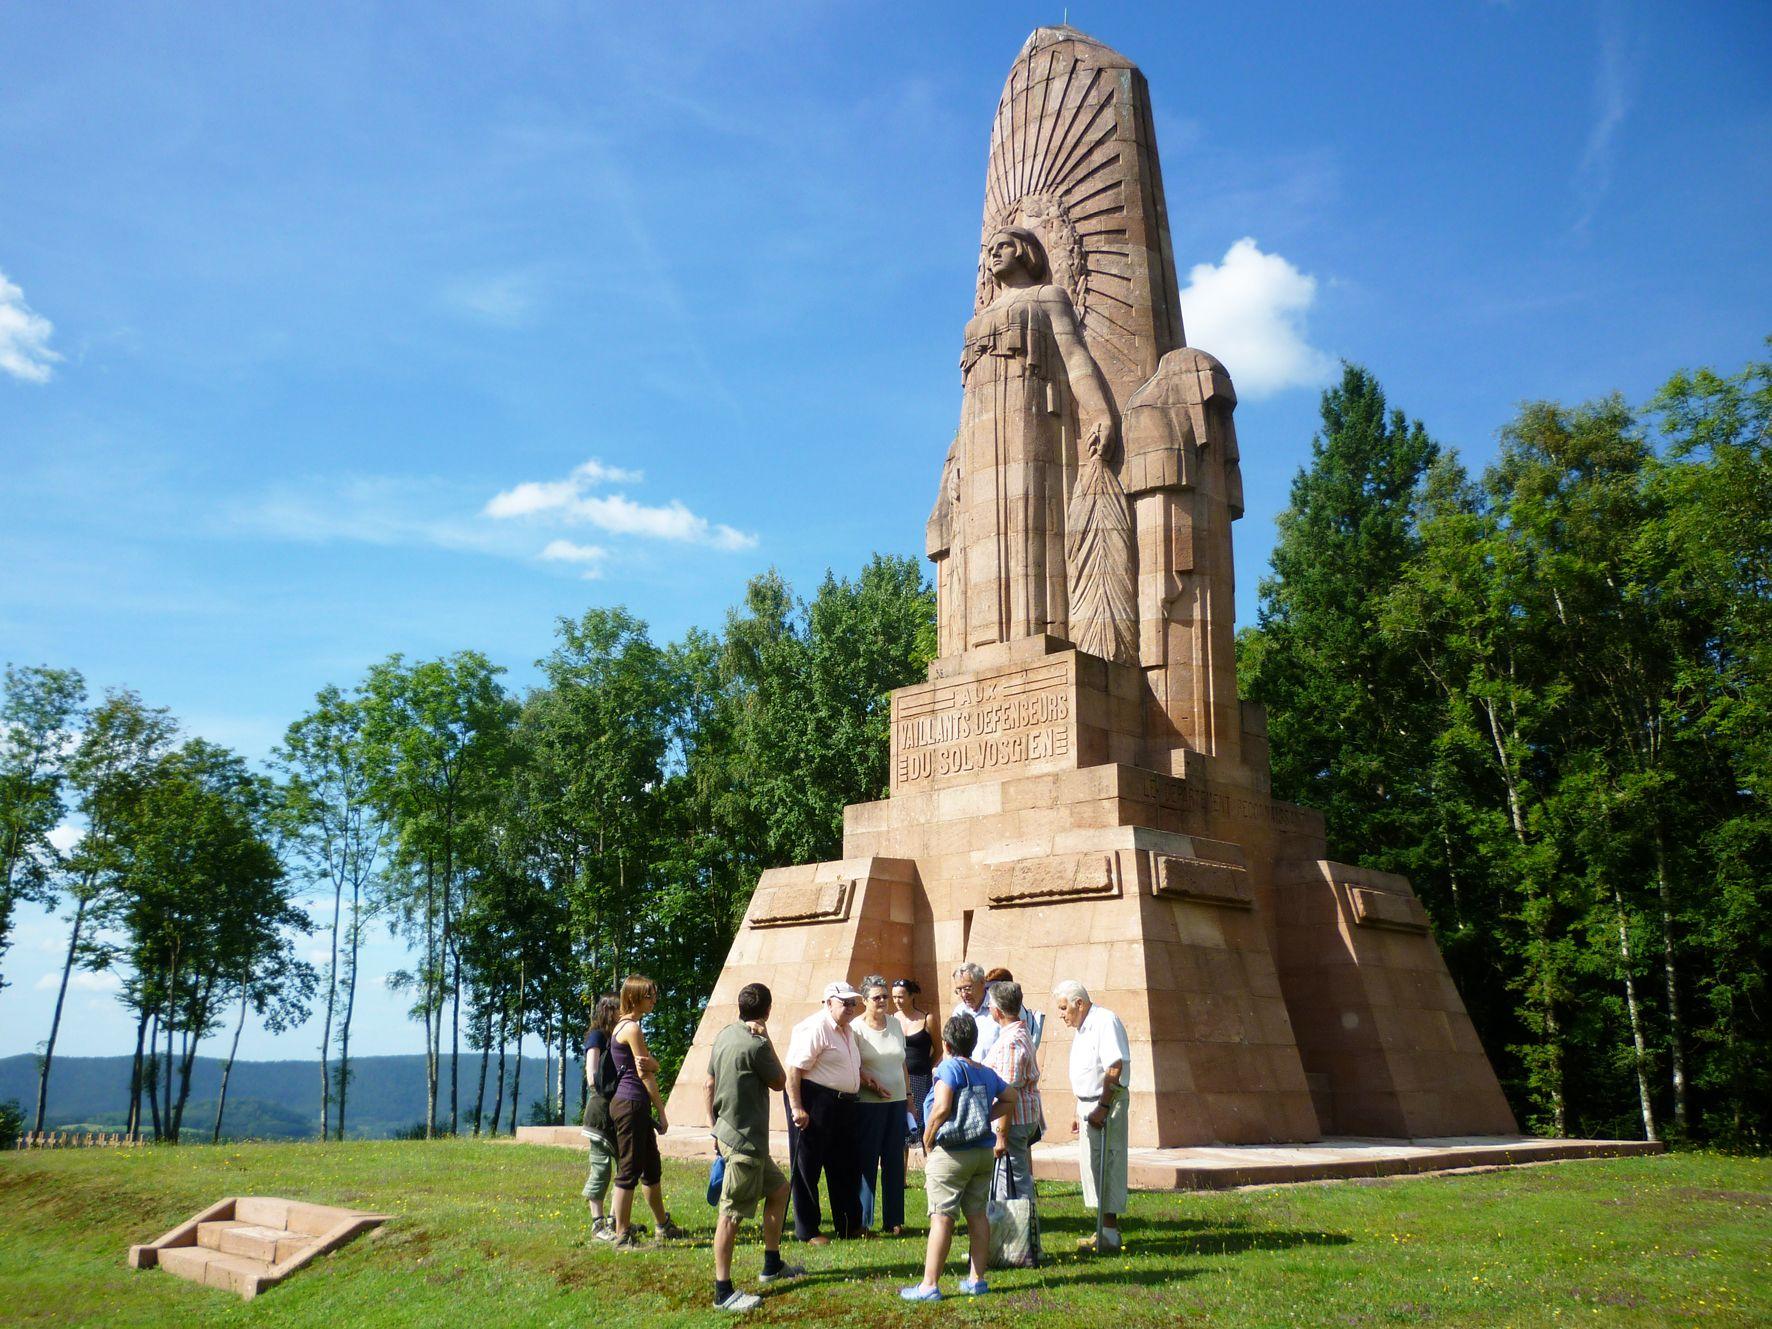 Necropole nationale de la fontenelle patrimoine culturel - Federation nationale des offices de tourisme ...